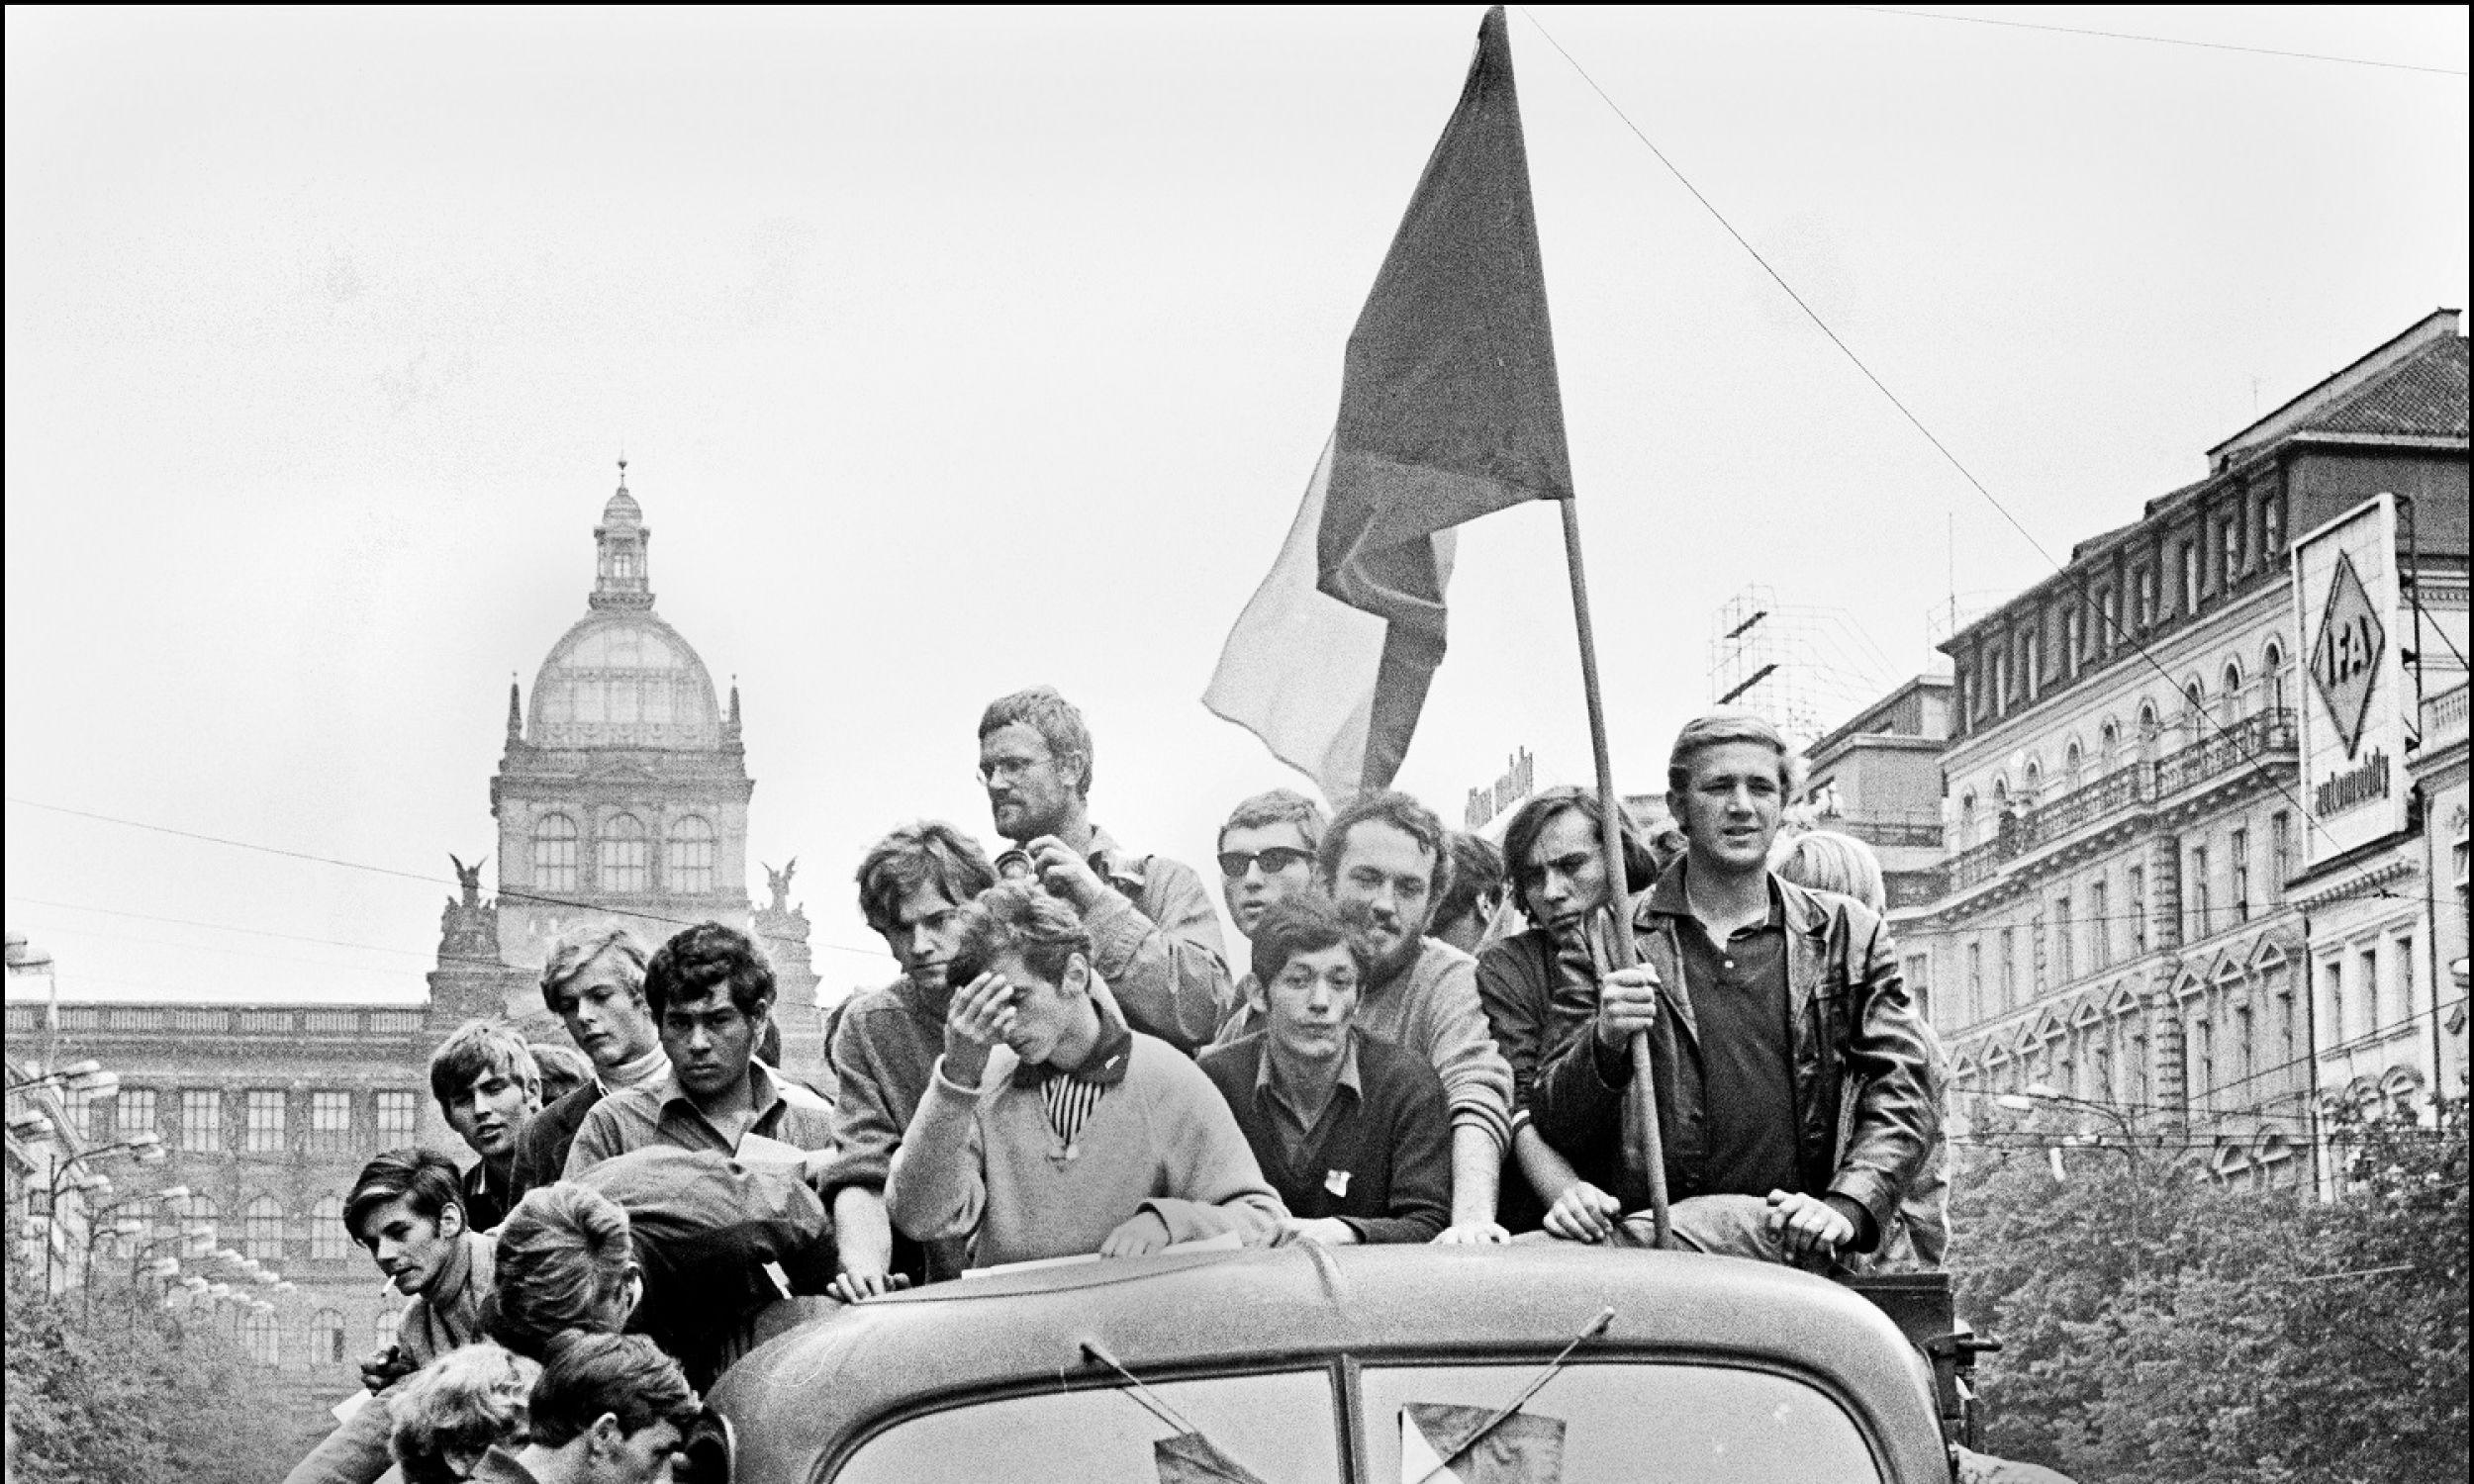 Latem 1968. Dwa dni po powrocie z Rumunii, dowiedział się o interwencji wojsk Układu Warszawskiego w Pradze. Natychmiast tam pojechał. Na zdjęciu: fotograf (w środku z aparatem) wśród protestujących. Fot. Ian Berry / Magnum Photos / Forum